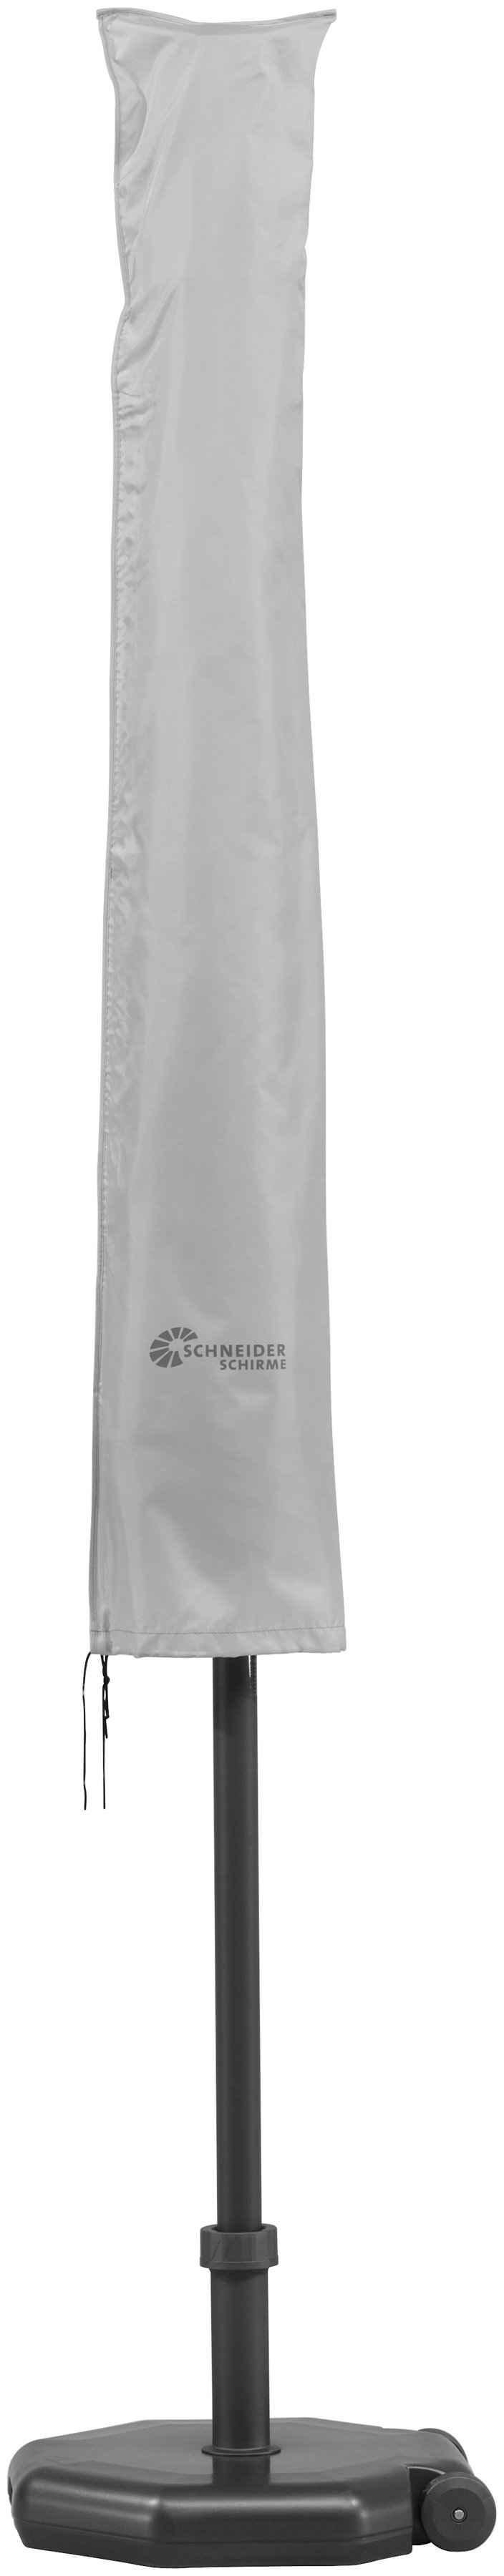 Schneider Schirme Schutzplane »833-00«, für Schirme bis Ø 400 cm